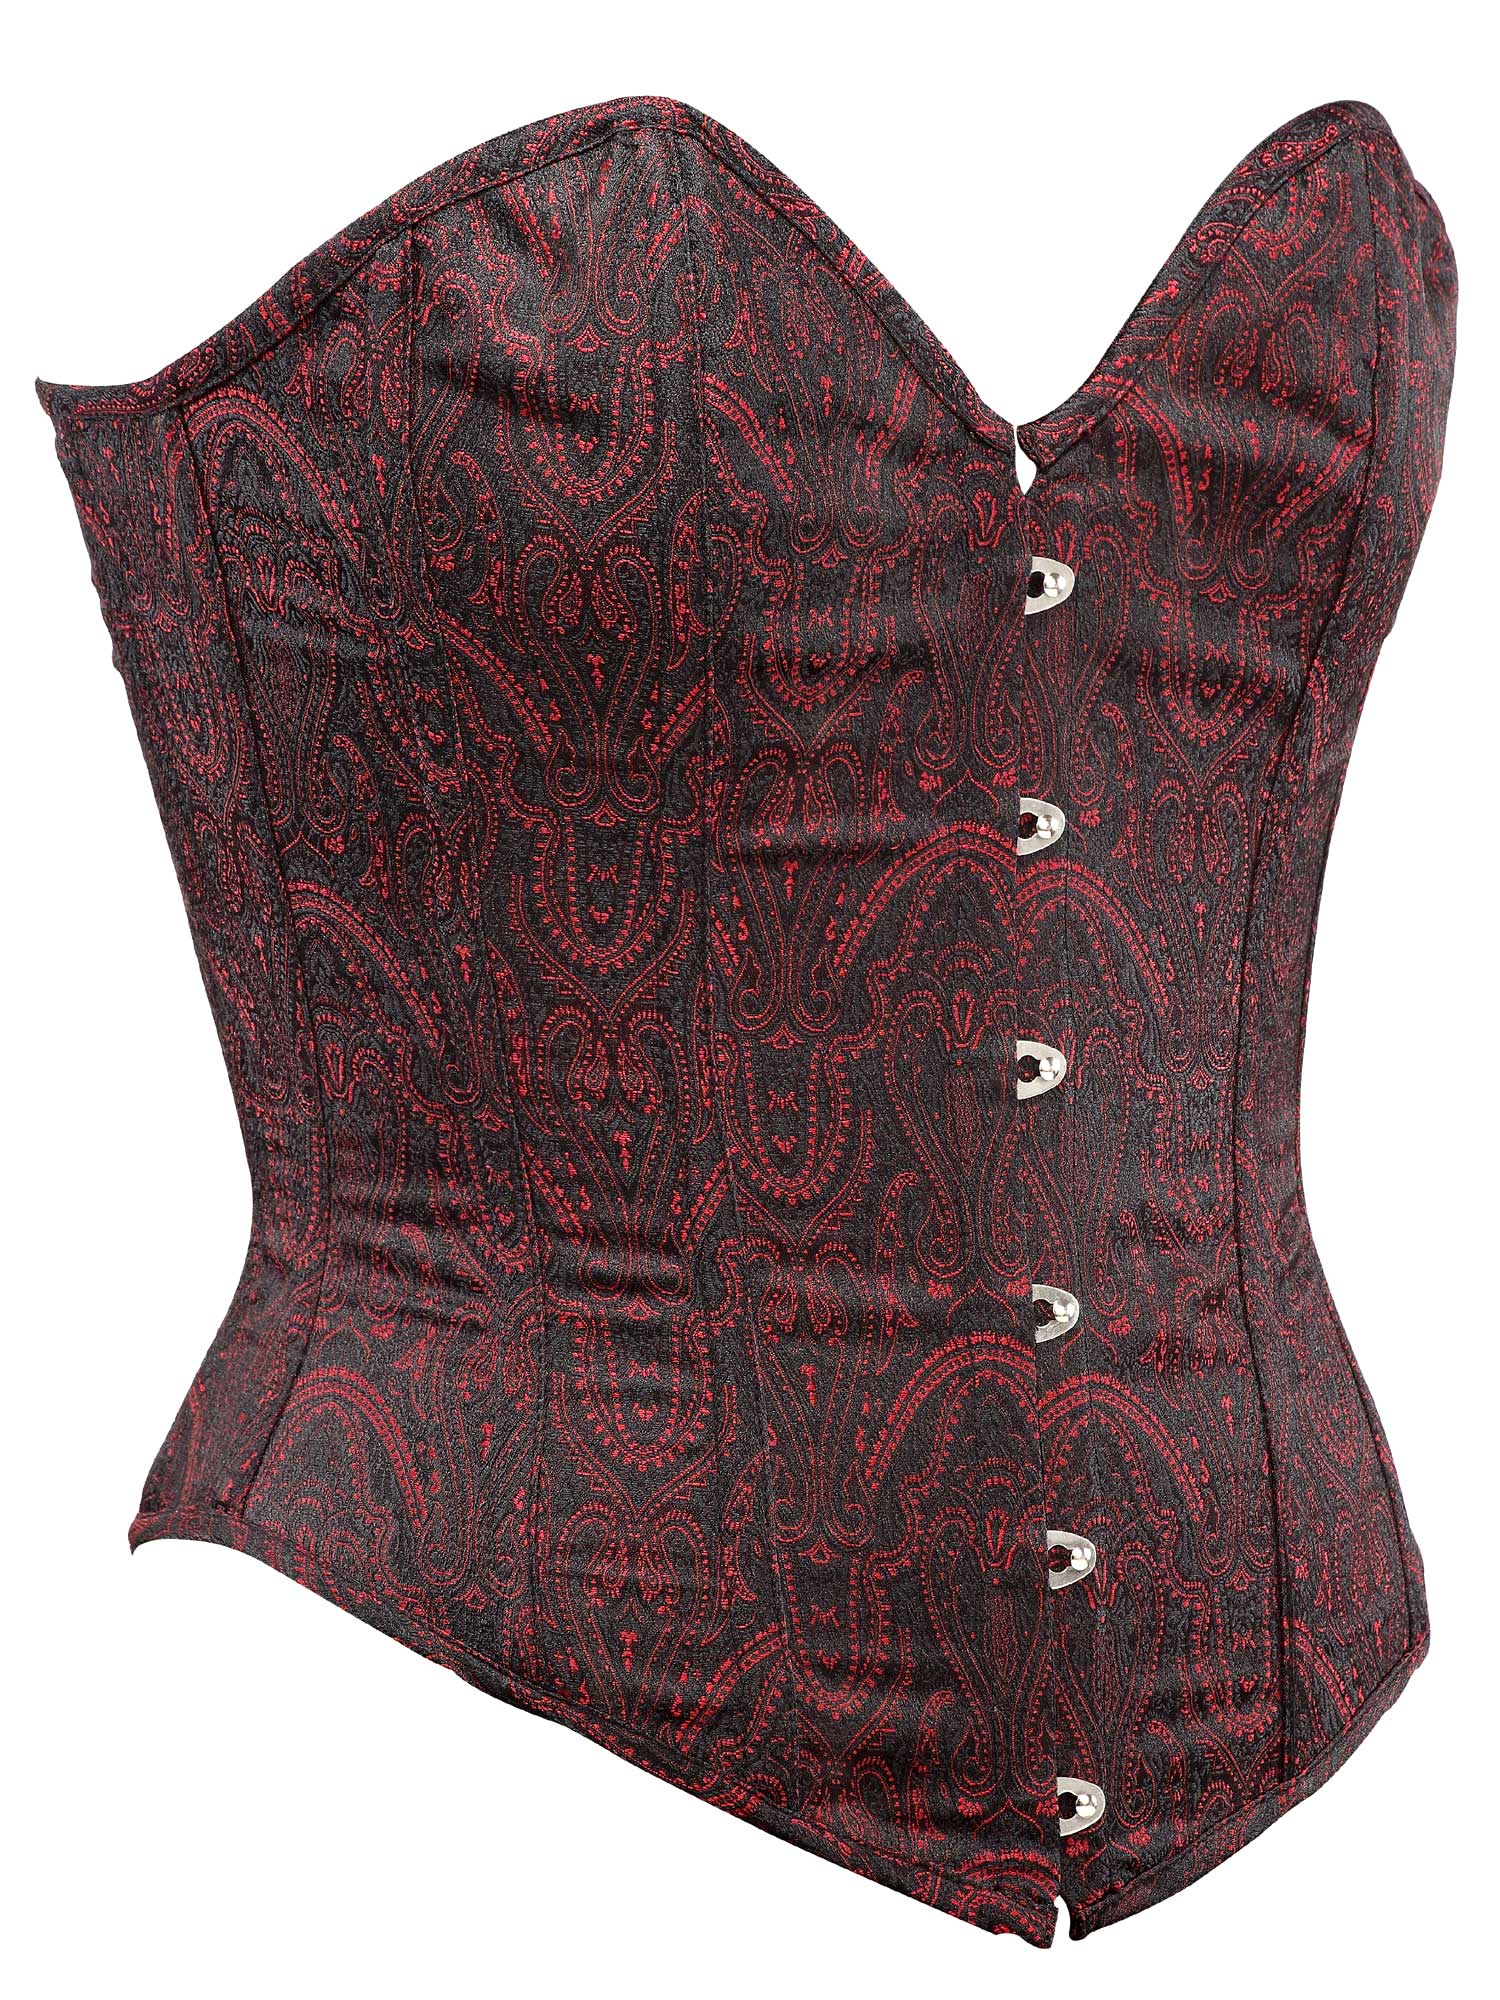 brown_ethnic_brocade_fabric_steel_boning_corset_waist_cincher_bustier_bustiers_and_corsets_4.jpg